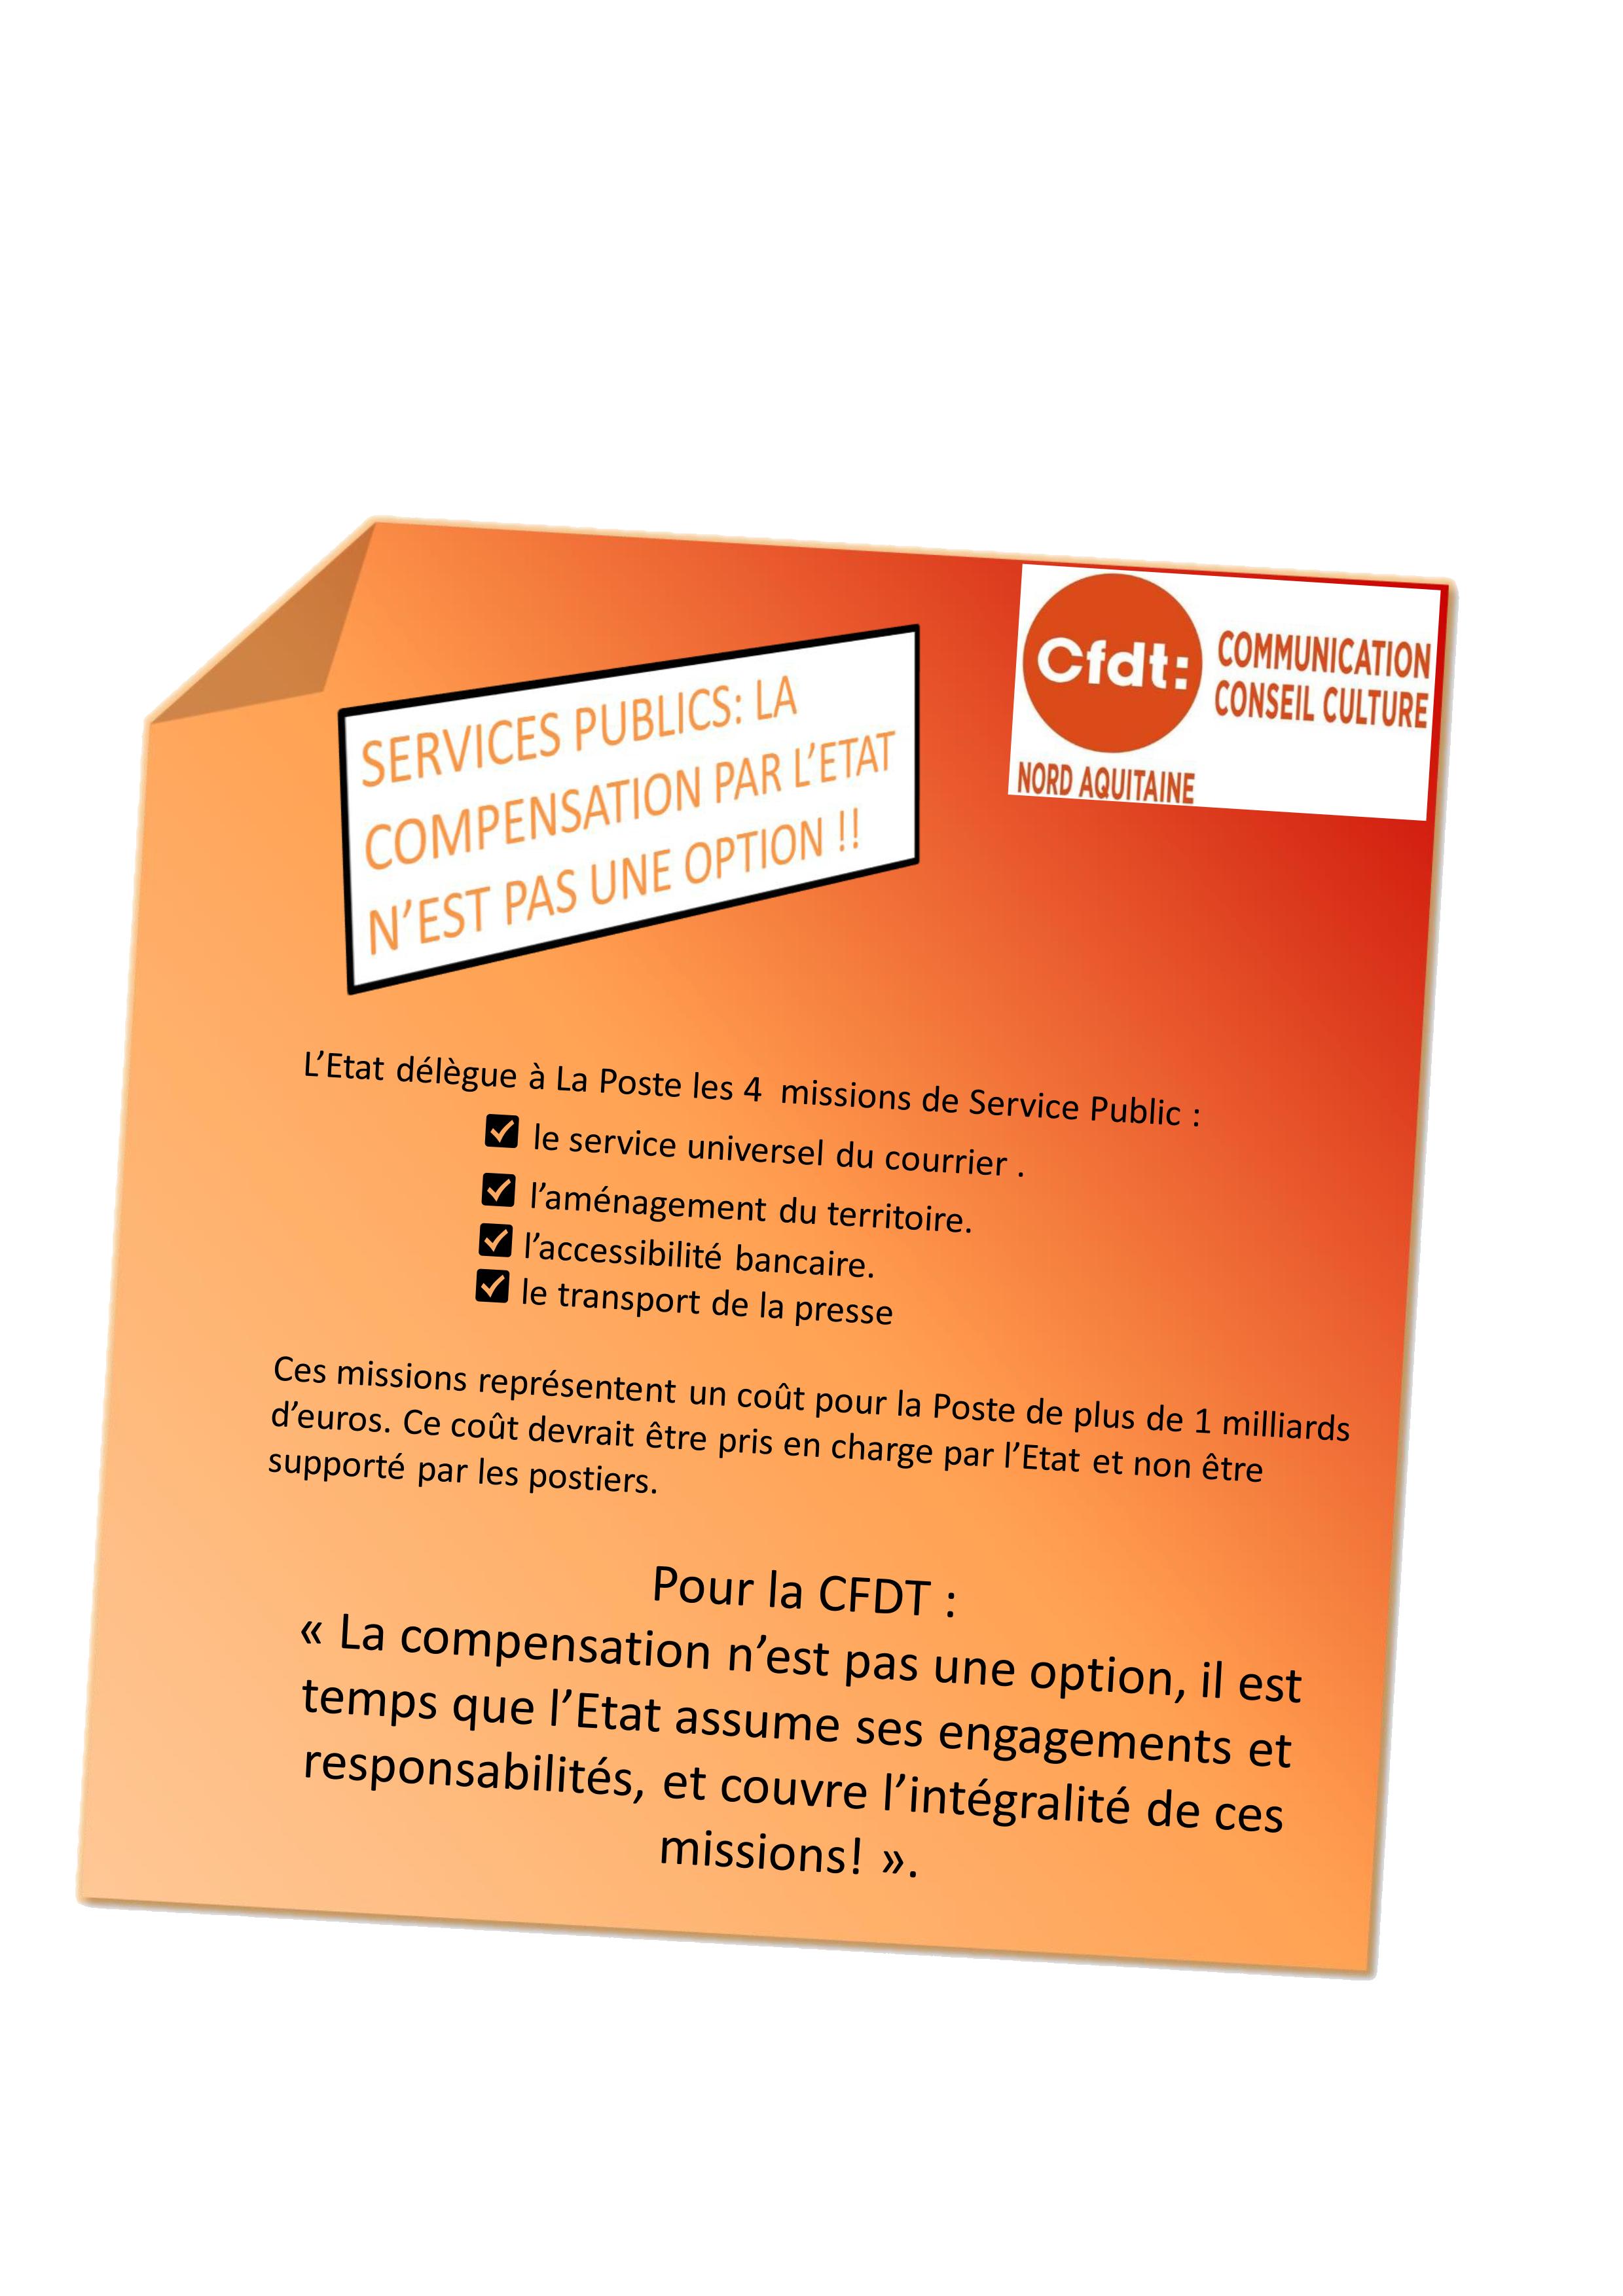 """<span class=""""ui-sortable-handle"""" style=""""color: #ff6600; font-size: 18pt;"""">Service Public: La composition par l'Etat n'est pas une option!!</span>"""